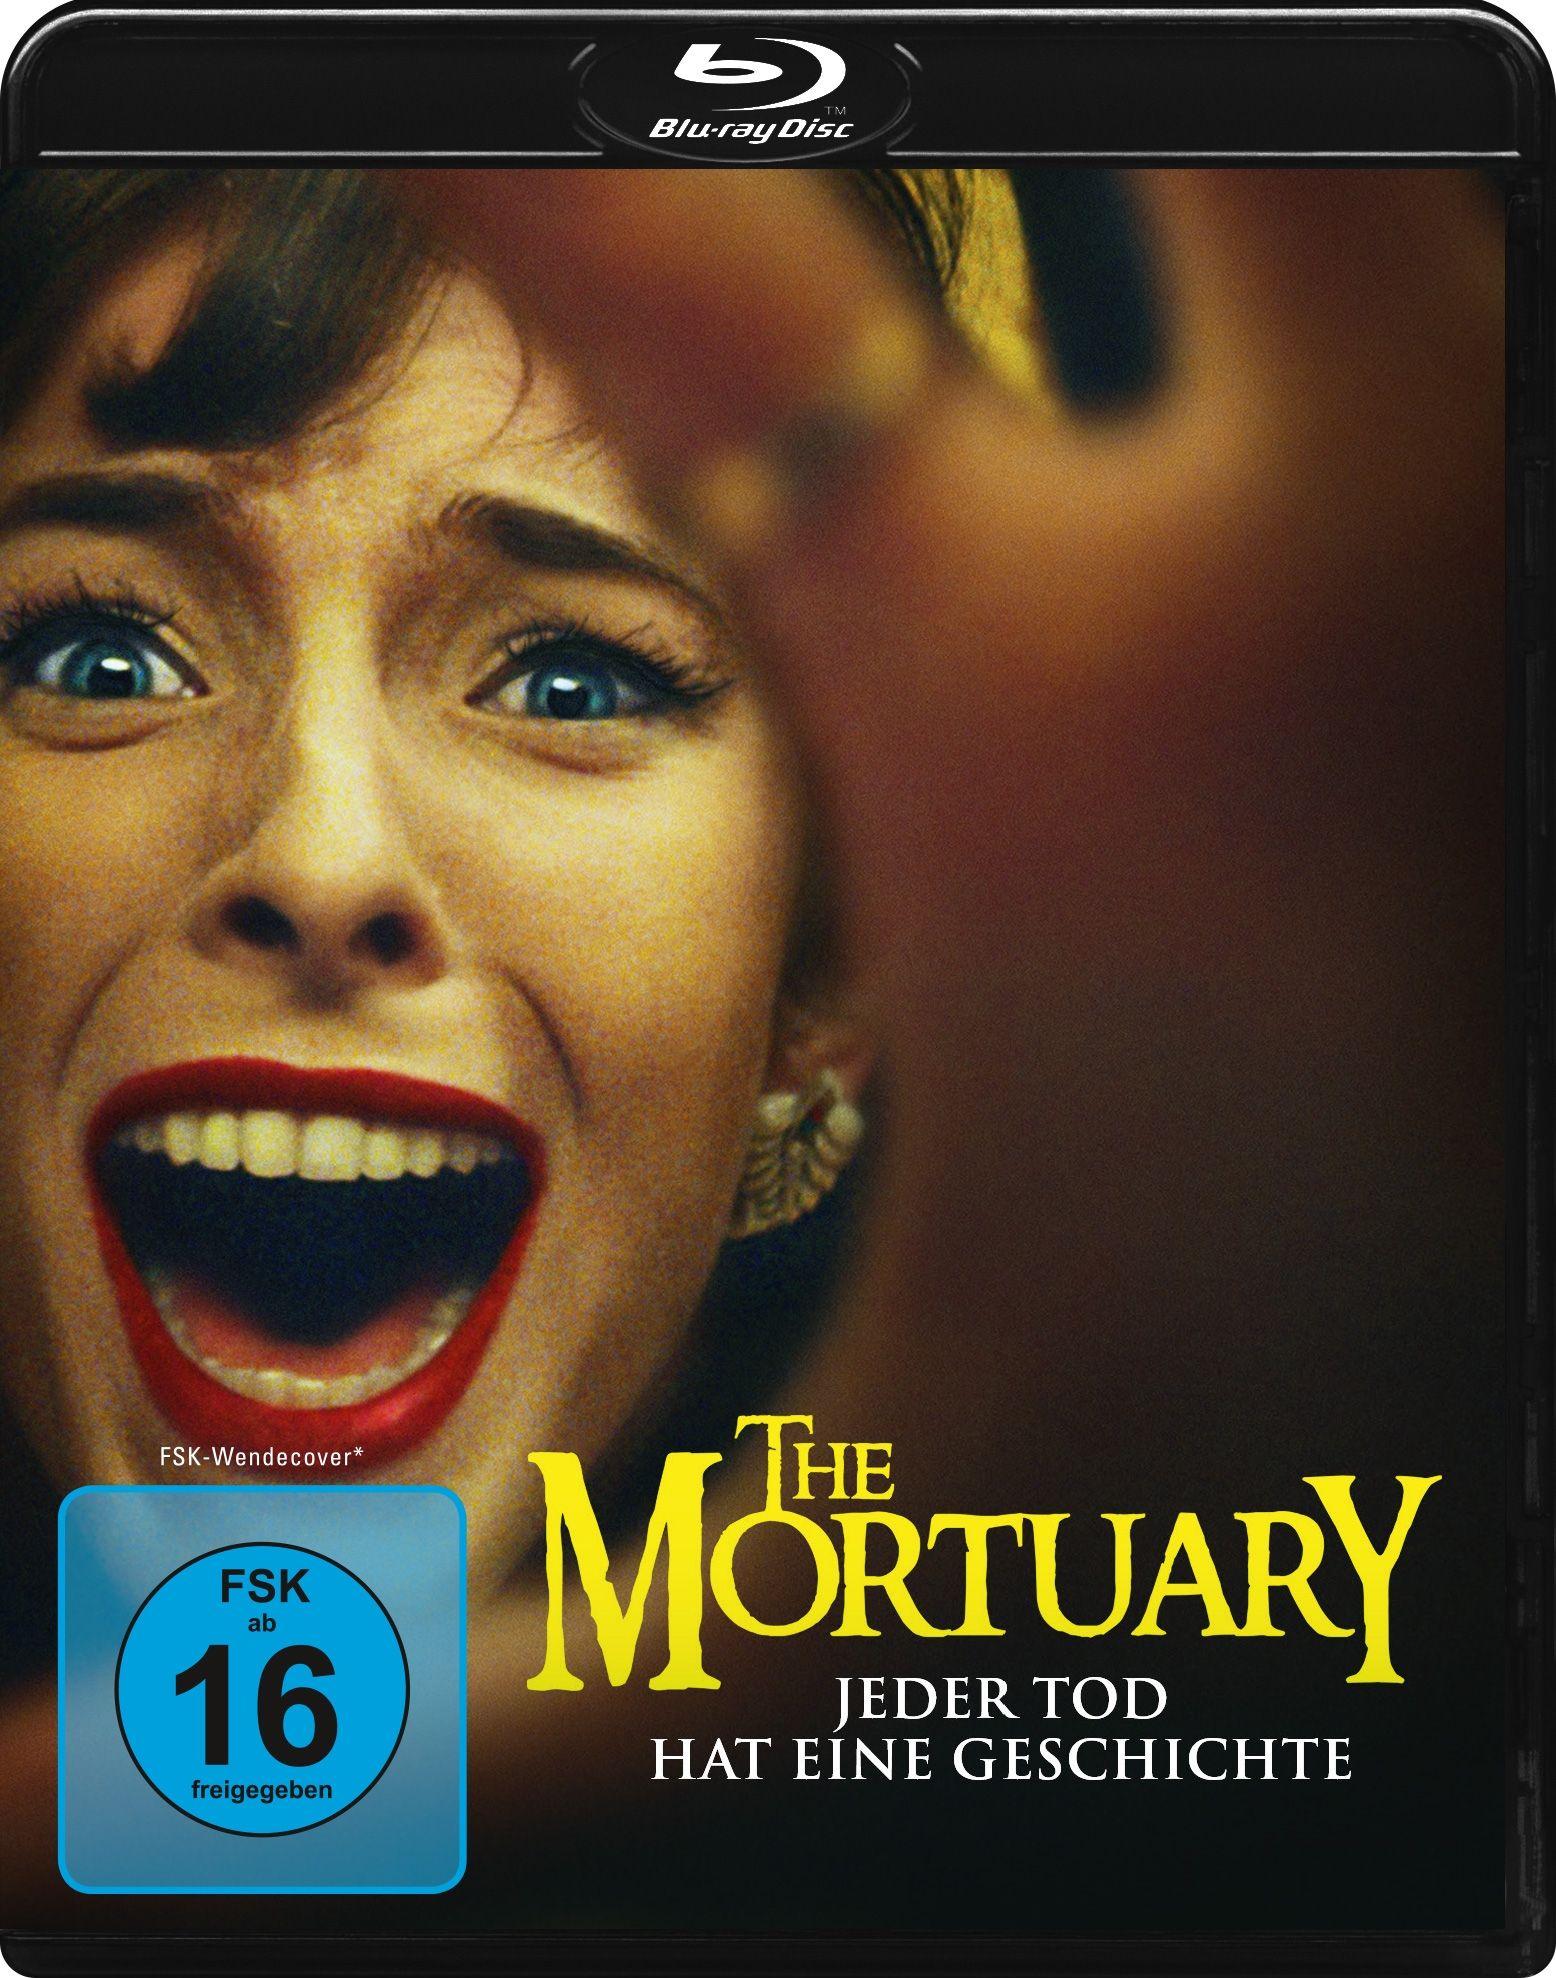 Mortuary, The - Jeder Tod hat eine Geschichte (BLURAY)